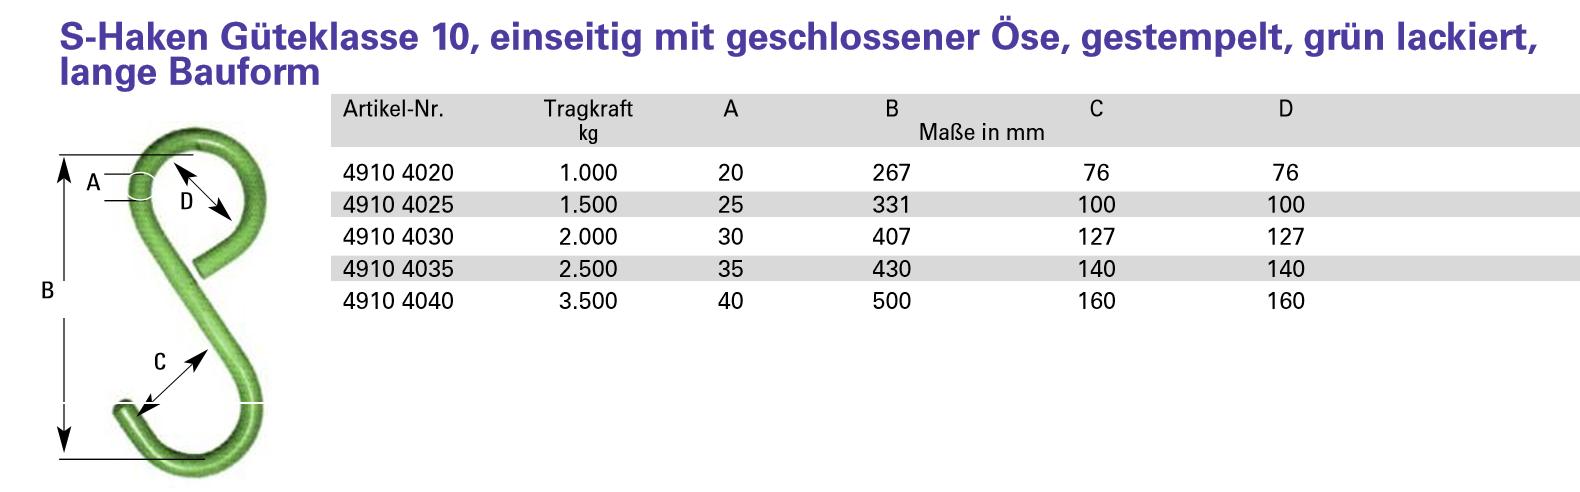 10 St/ück Edelstahl S-Haken in 10 verschiedenen Gr/ö/ßen 300mm